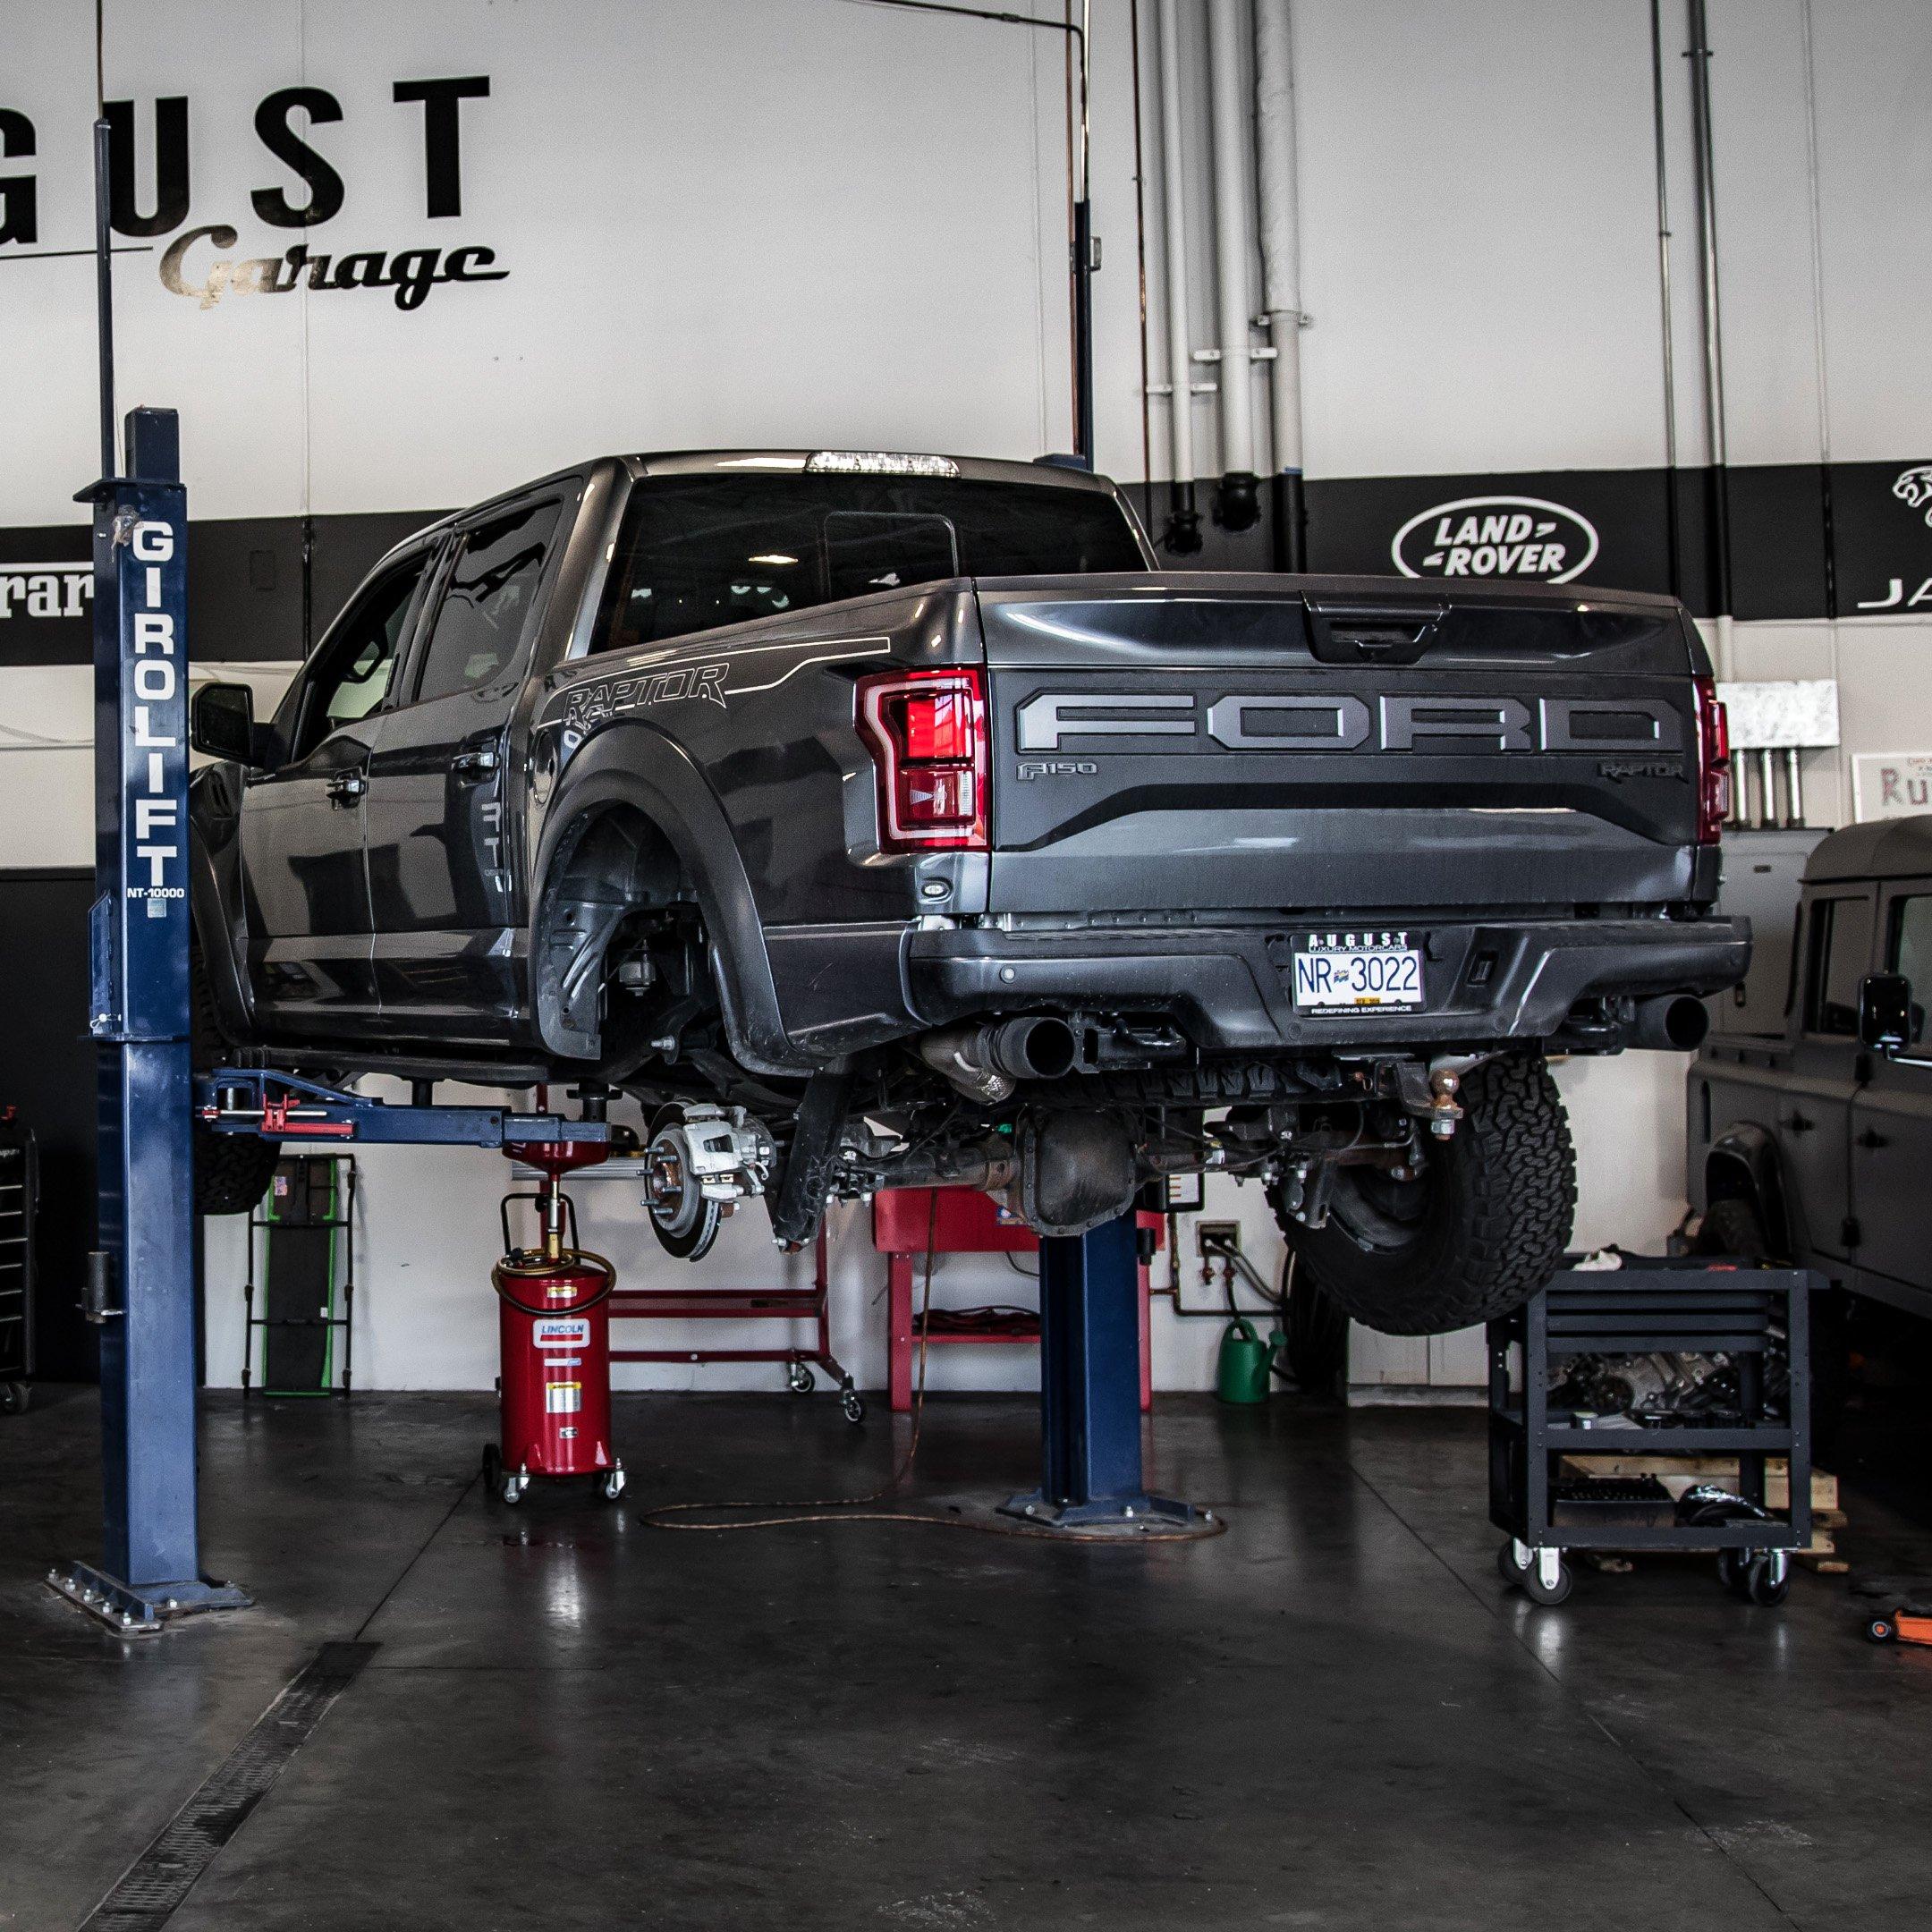 Mercedes-Benz Repair and Maintenance at August Garage in Kelowna BC